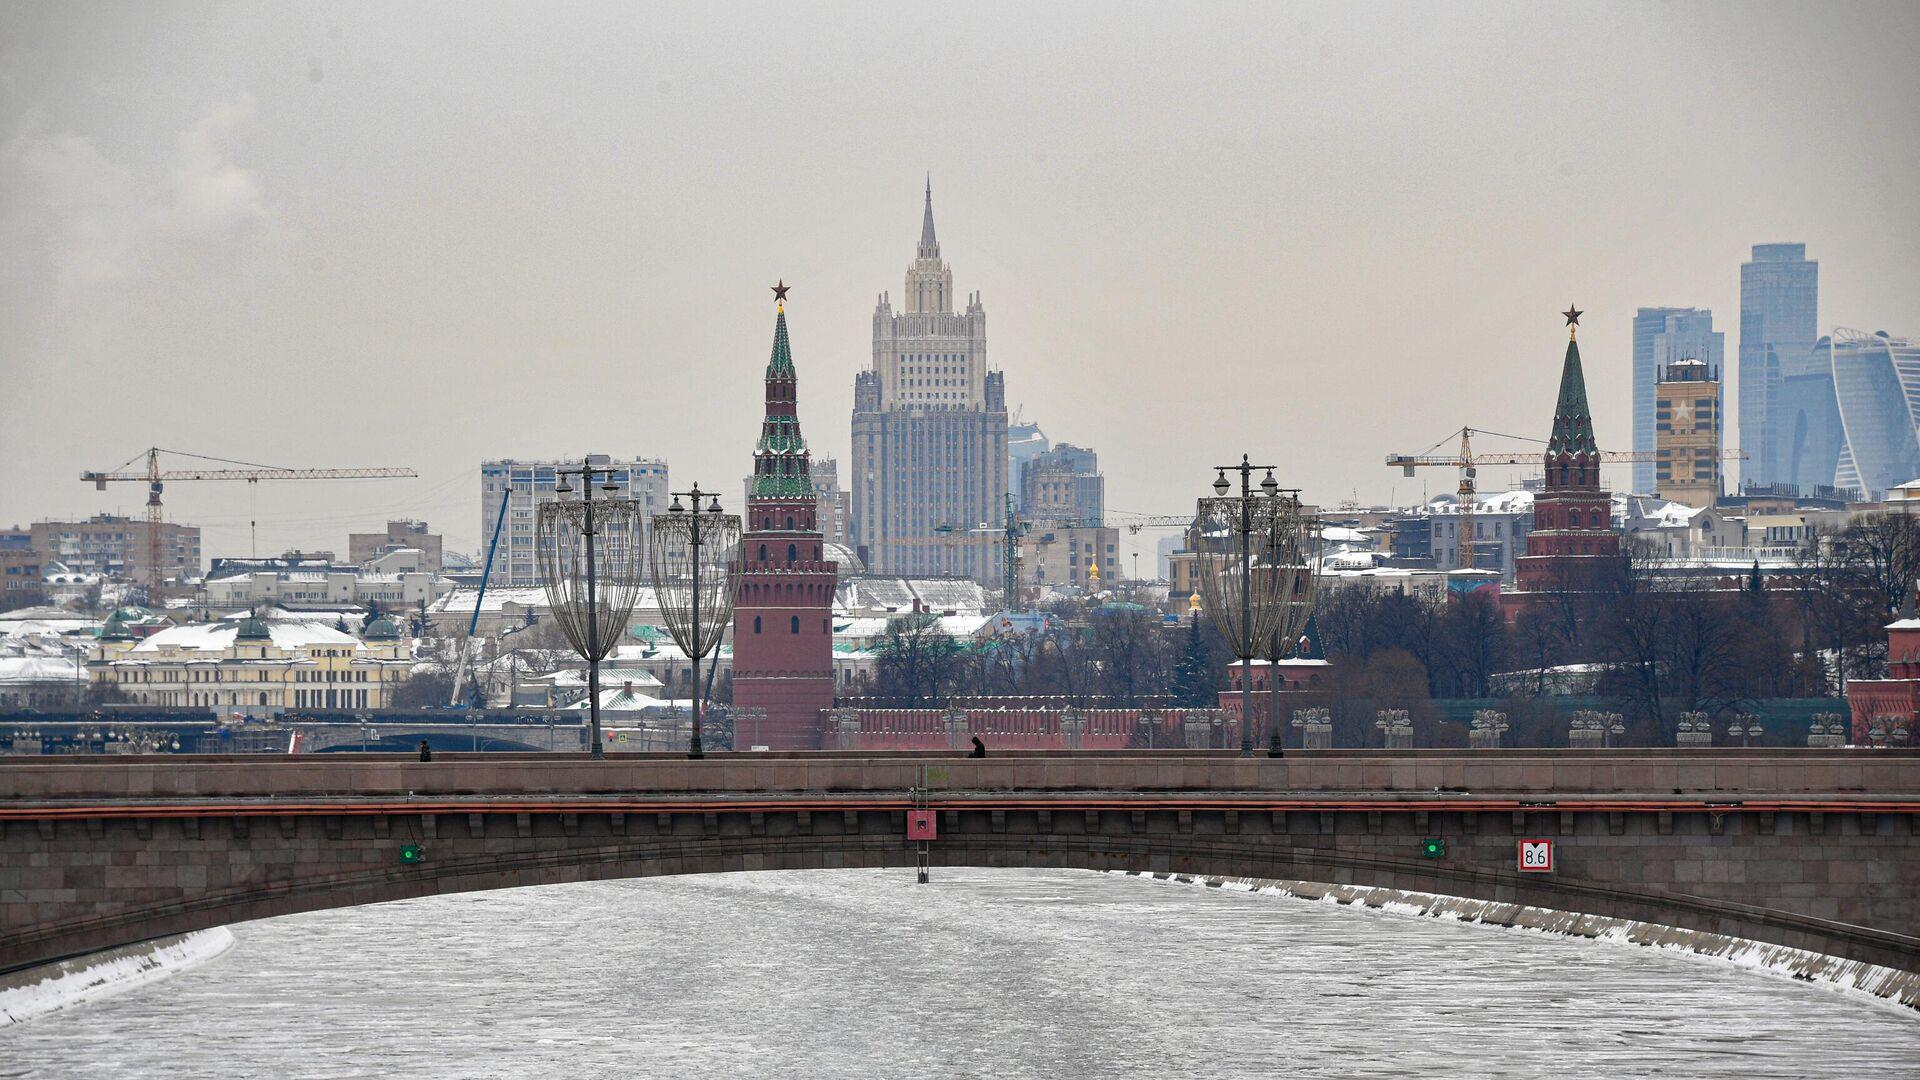 Вид на башни московского Кремля и здание МИД - РИА Новости, 1920, 10.03.2021